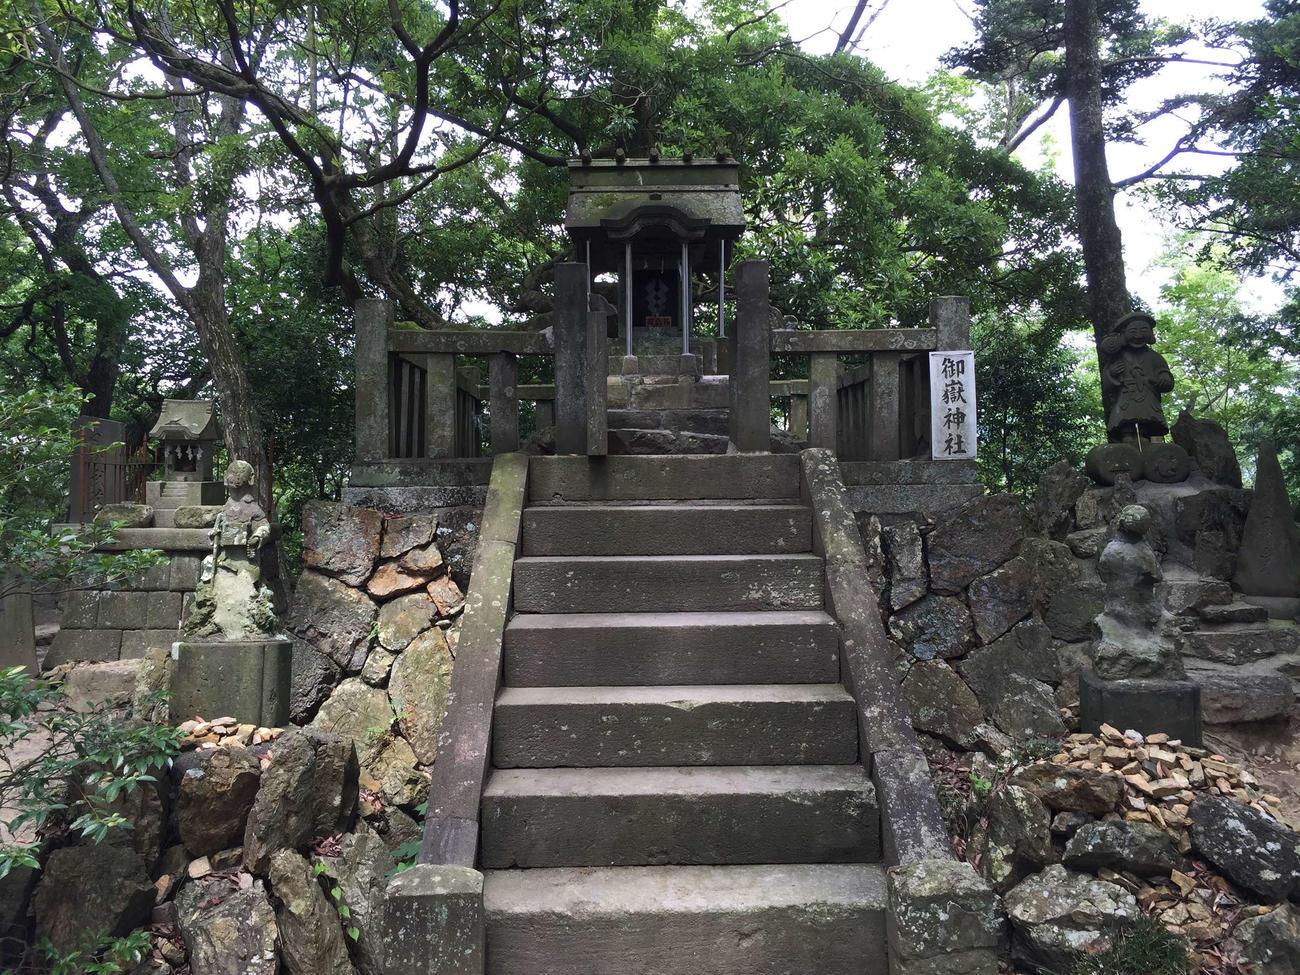 両崖山で発生した山火事の影響で全焼したとされる御岳神社(足利市提供)